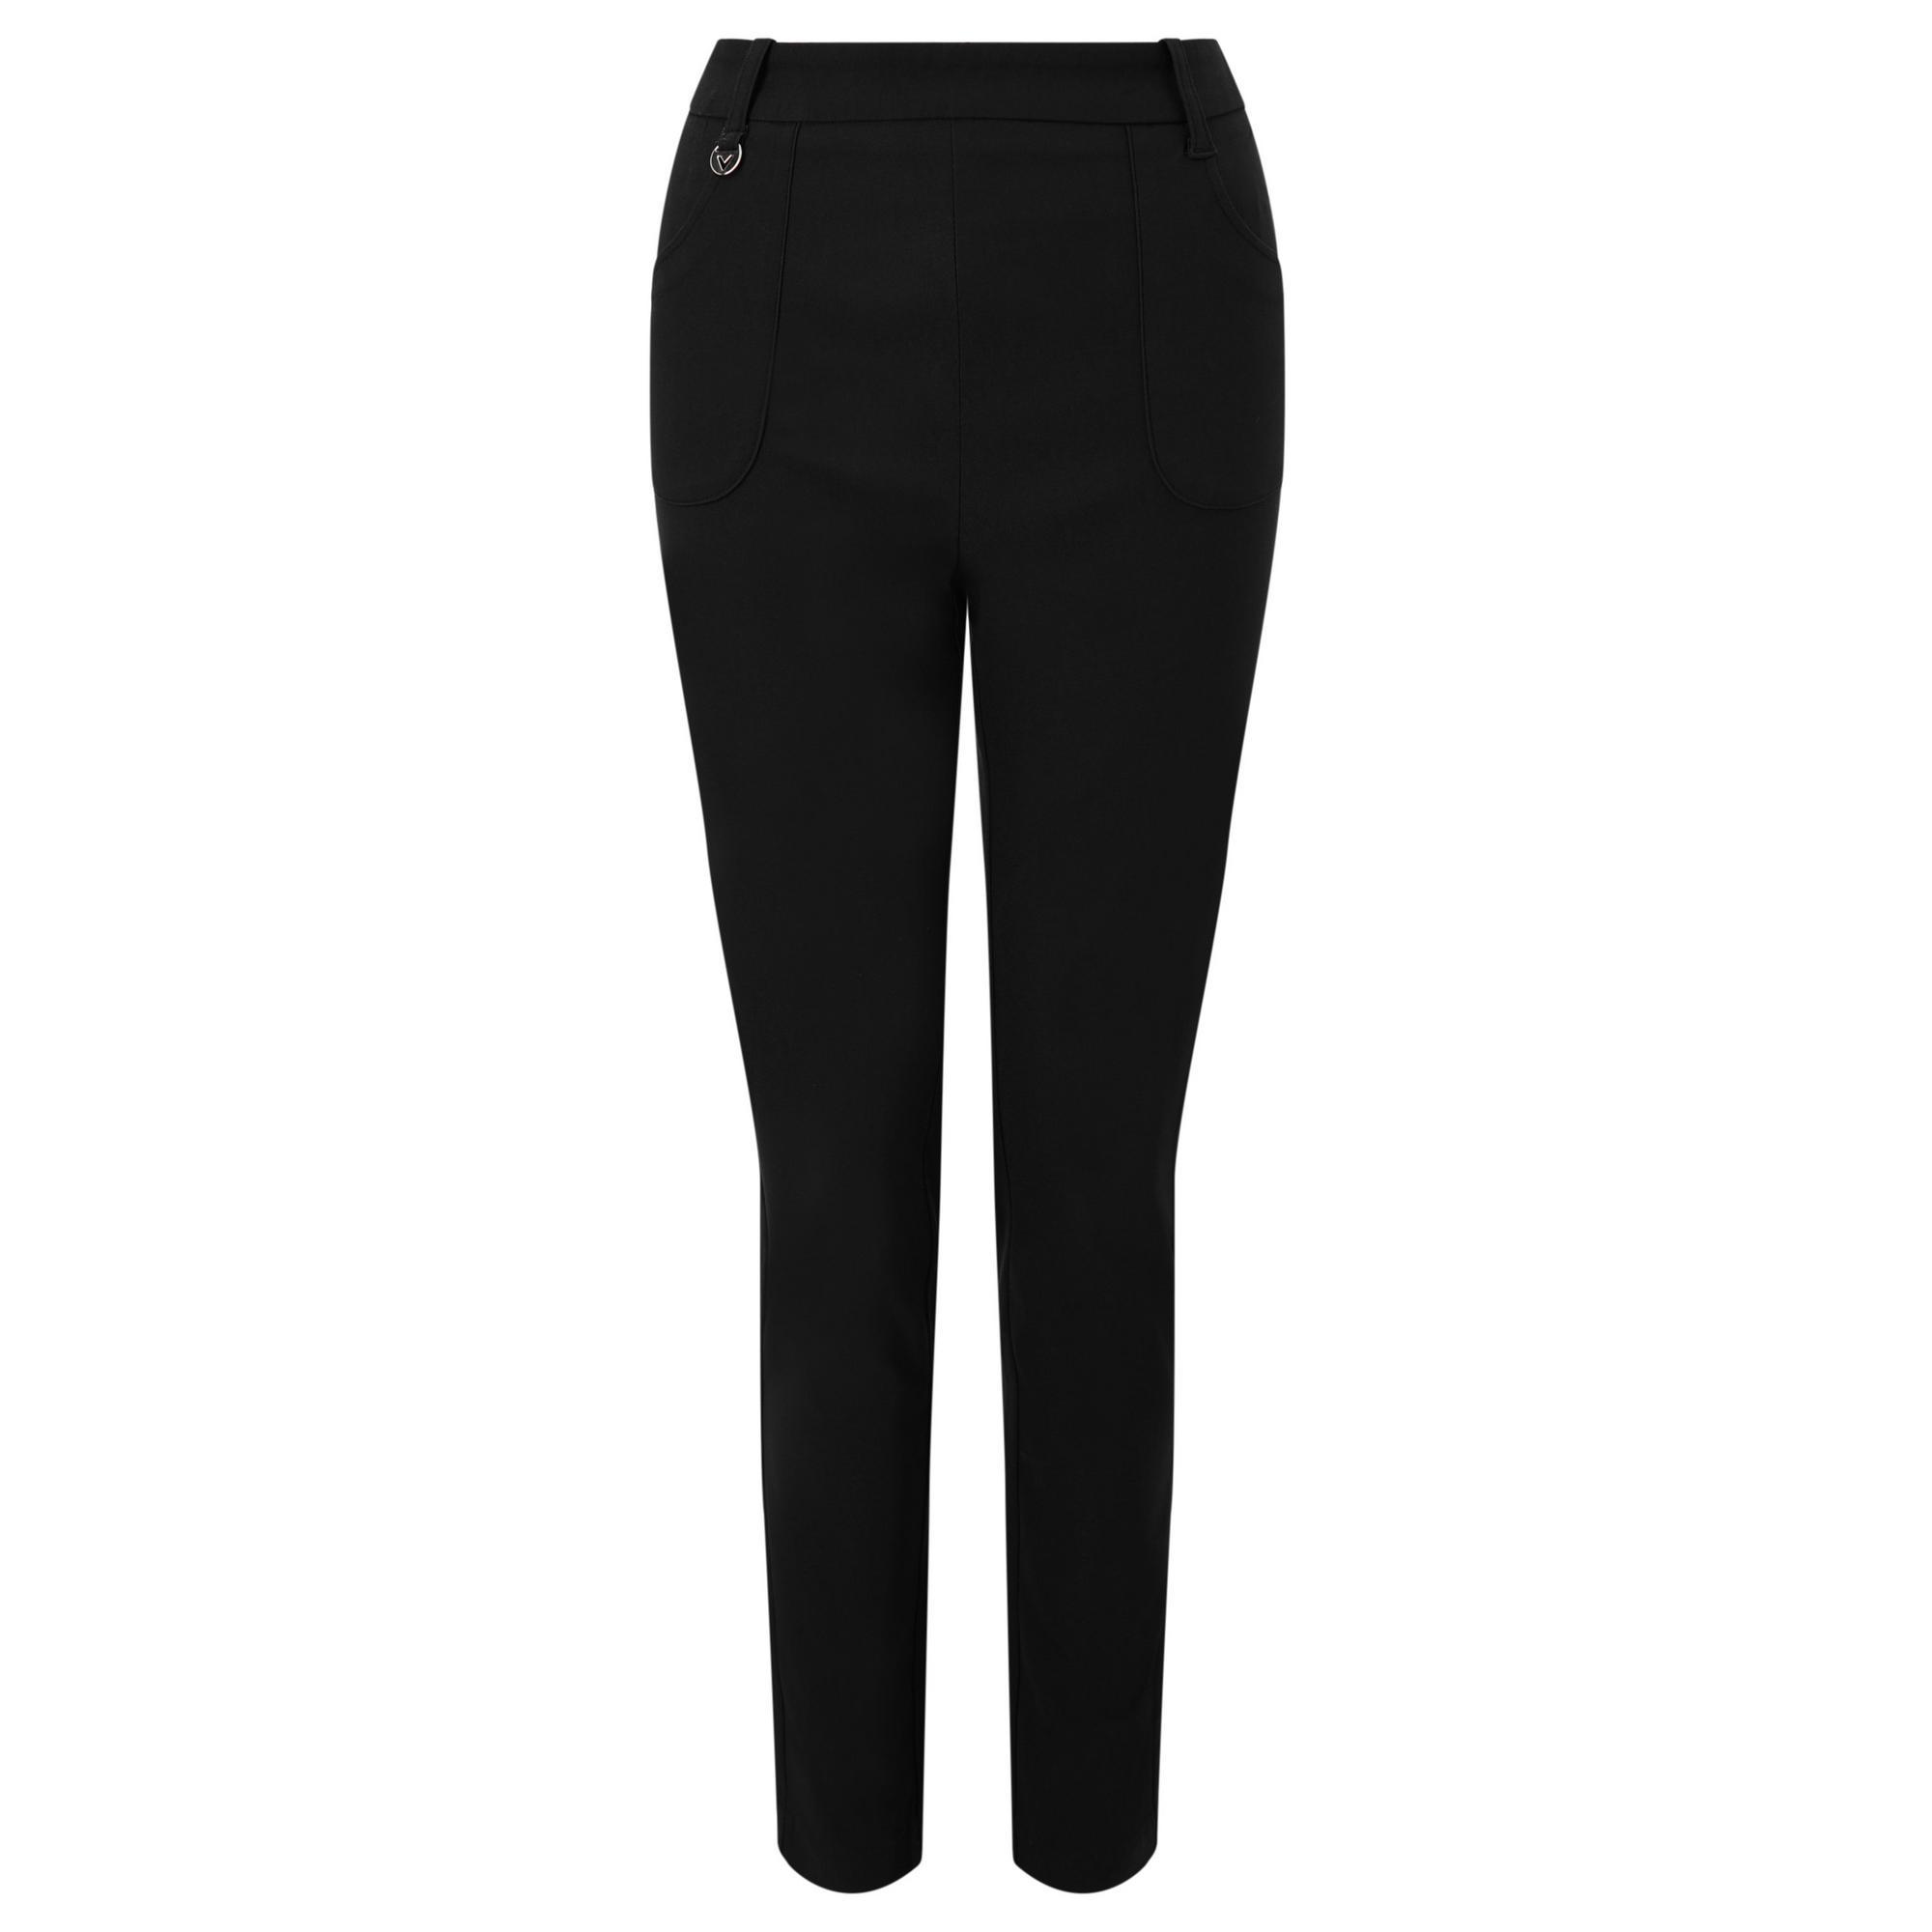 Pantalon à taille élastique pour femmes